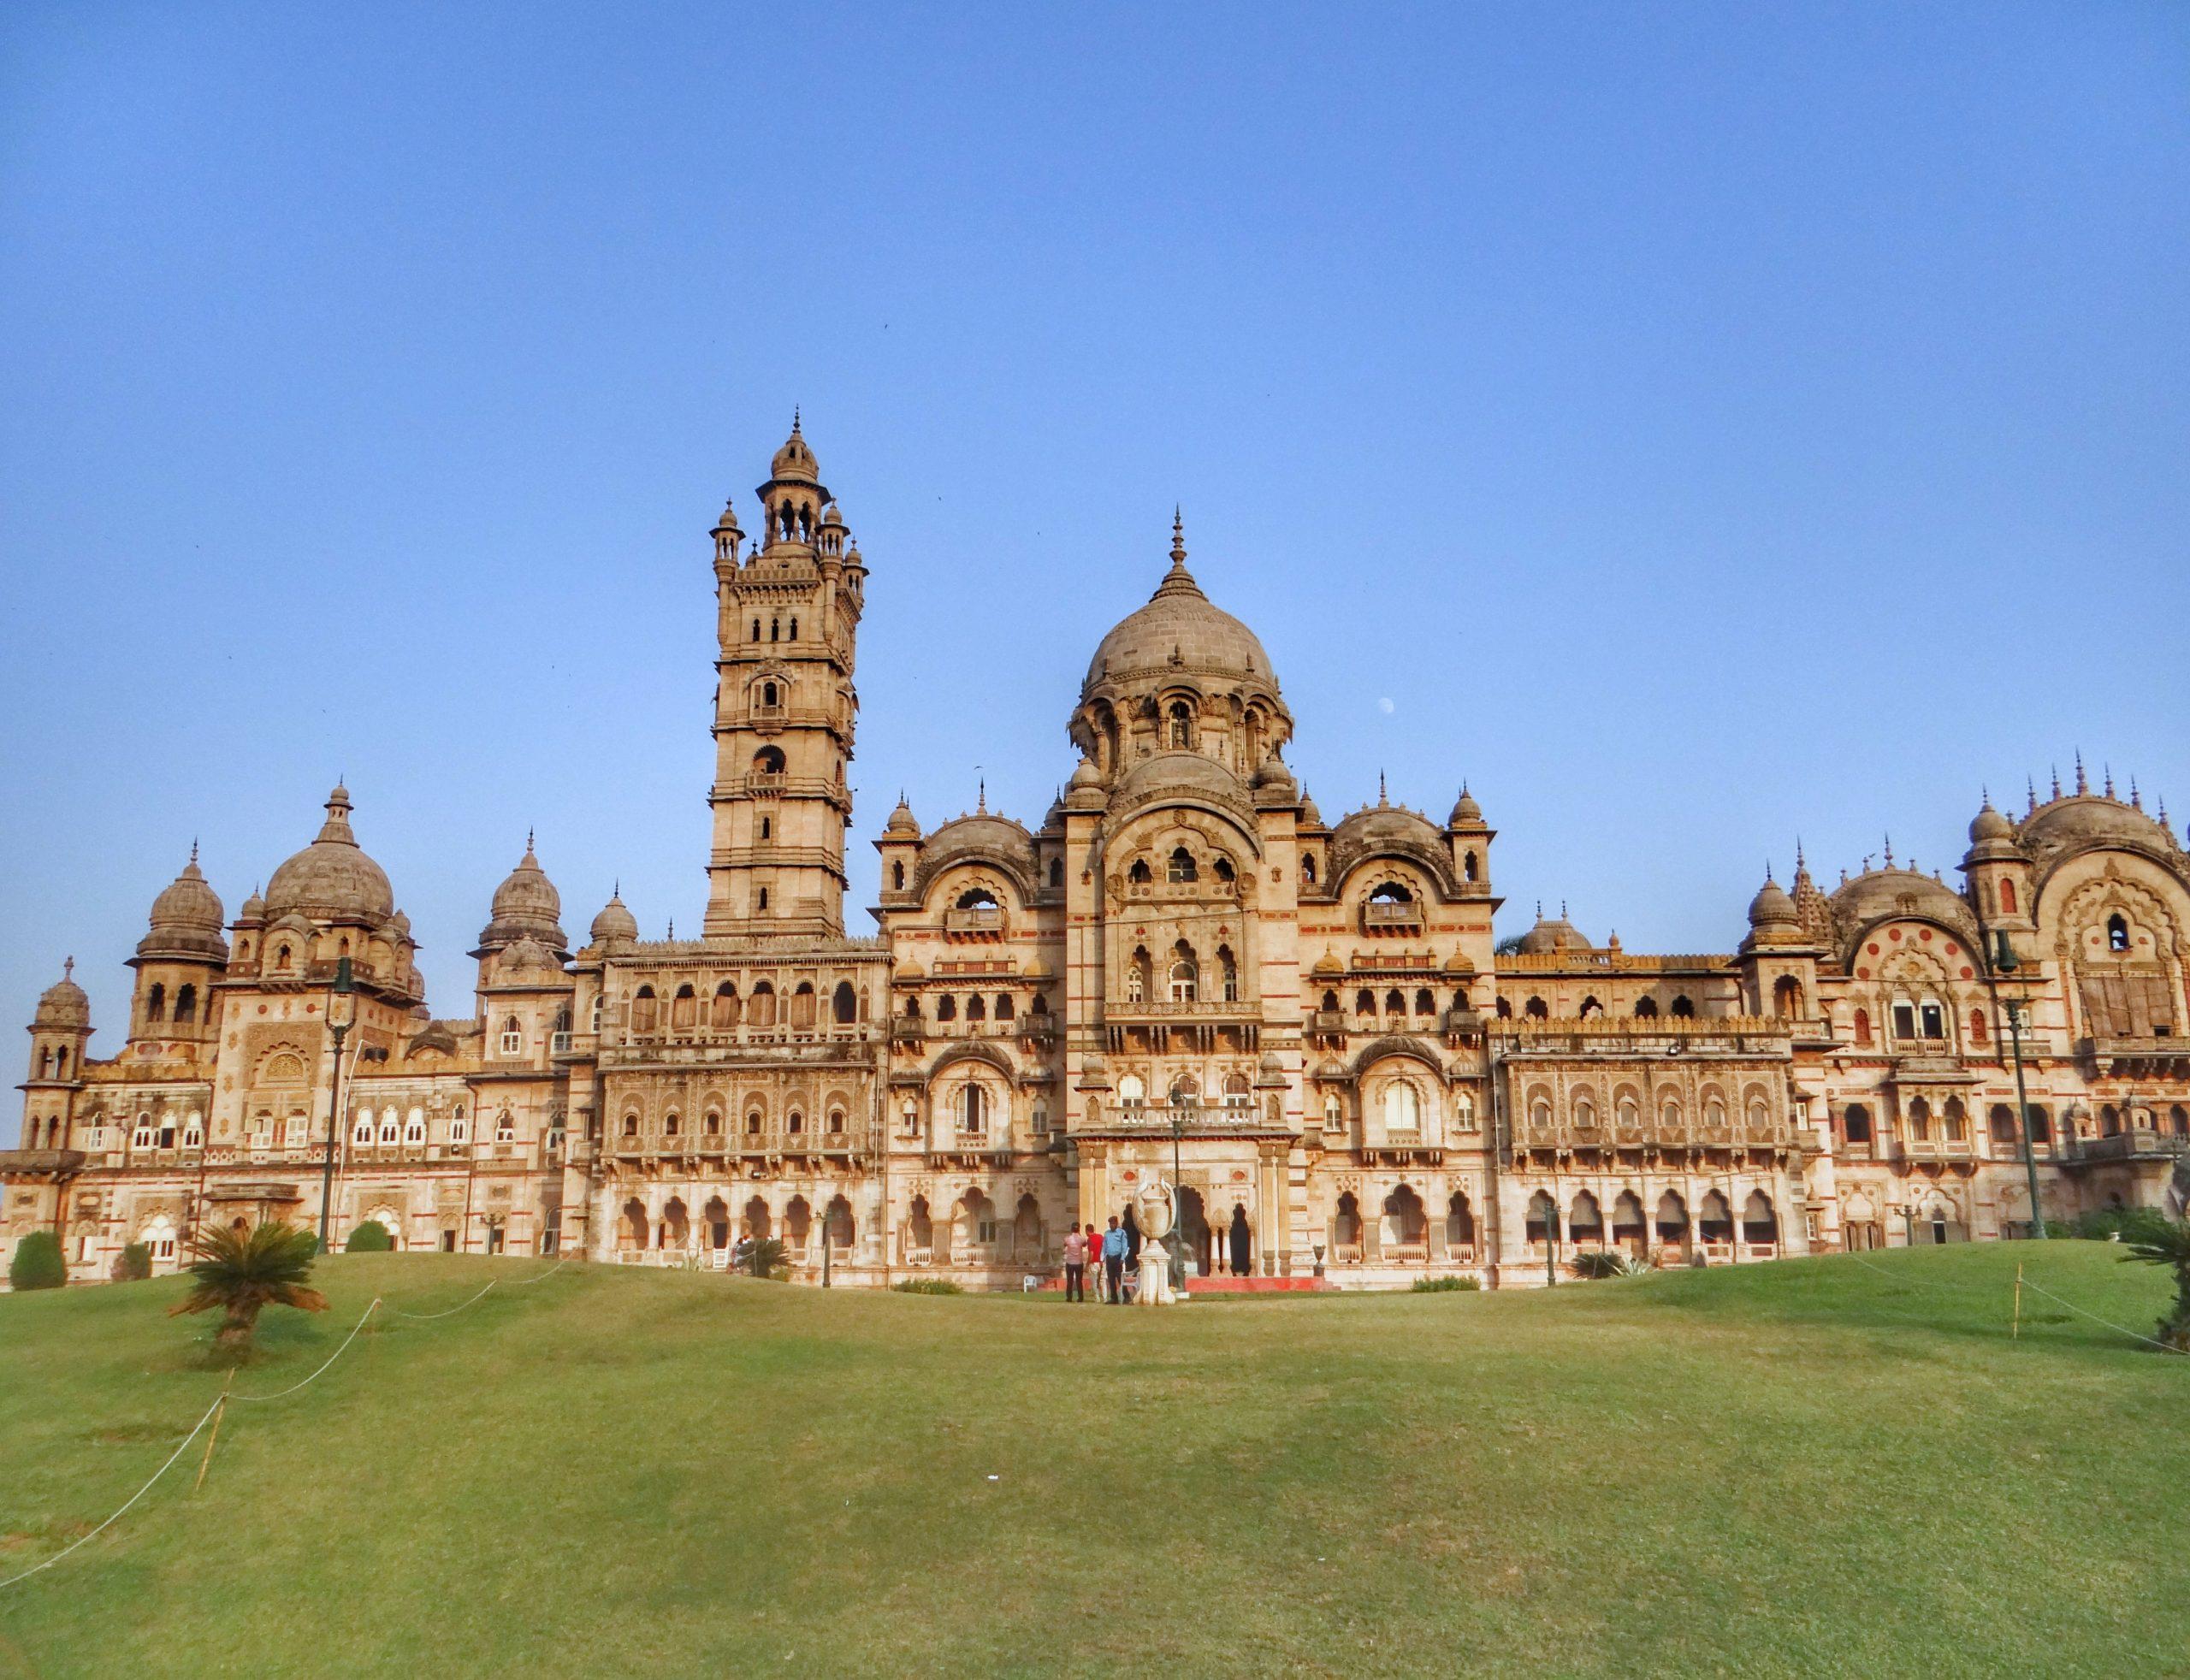 Visiting the Laxmi Vilas Palace while being in Vadodara